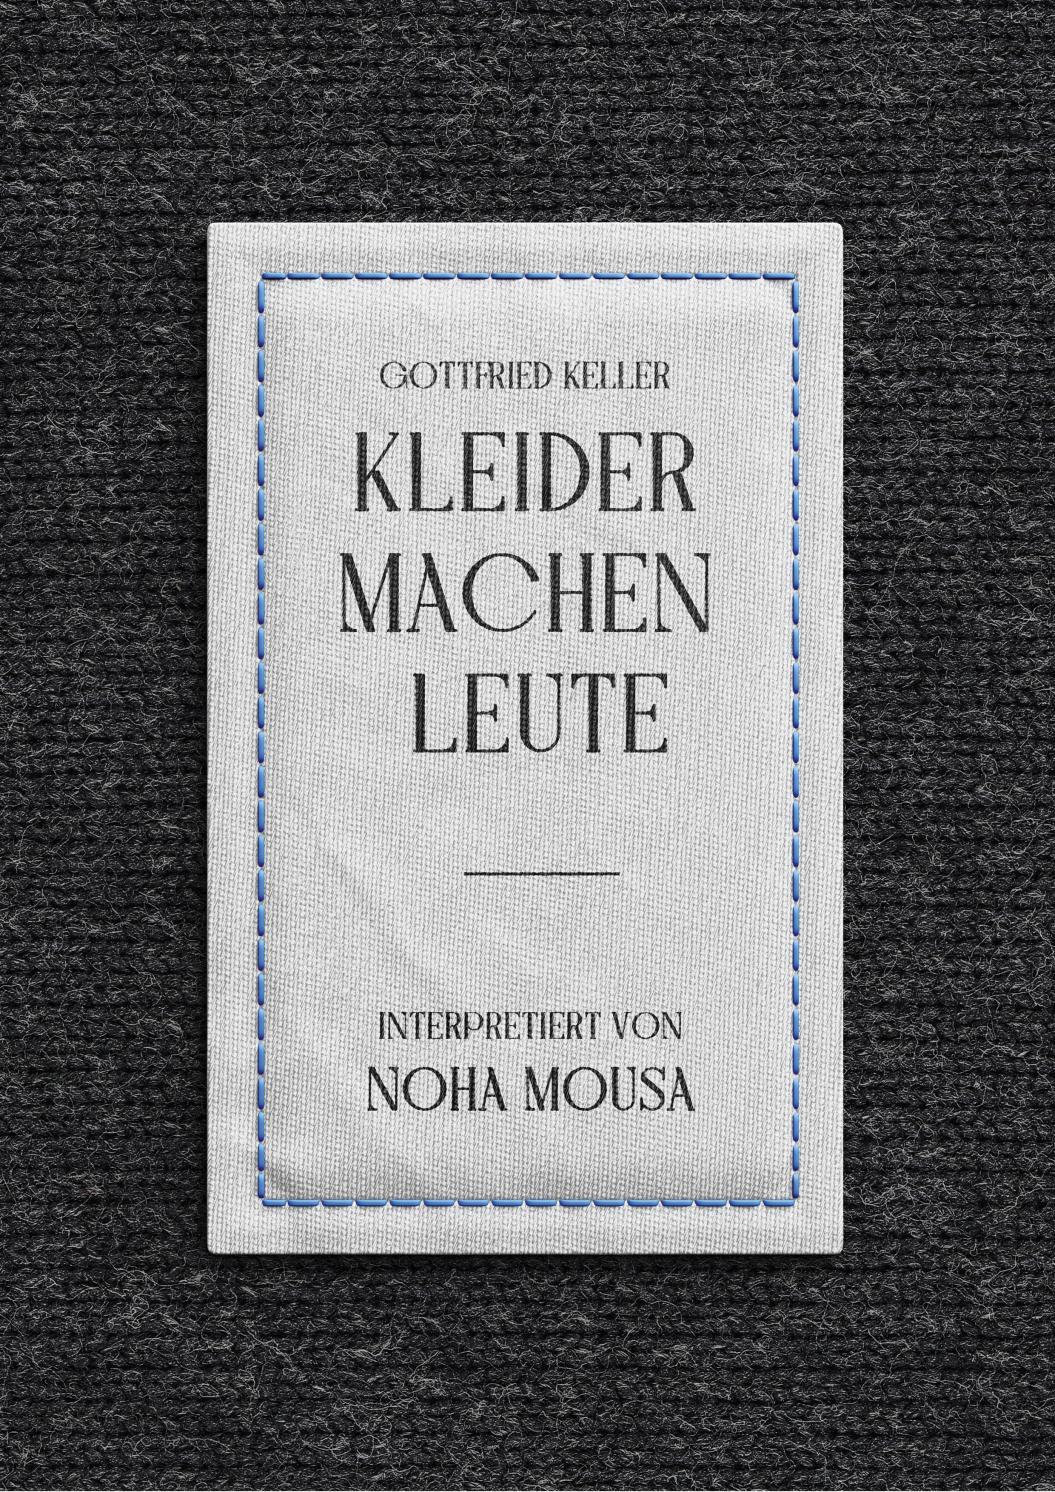 kleider machen leute | interpretationnoha mousa - issuu